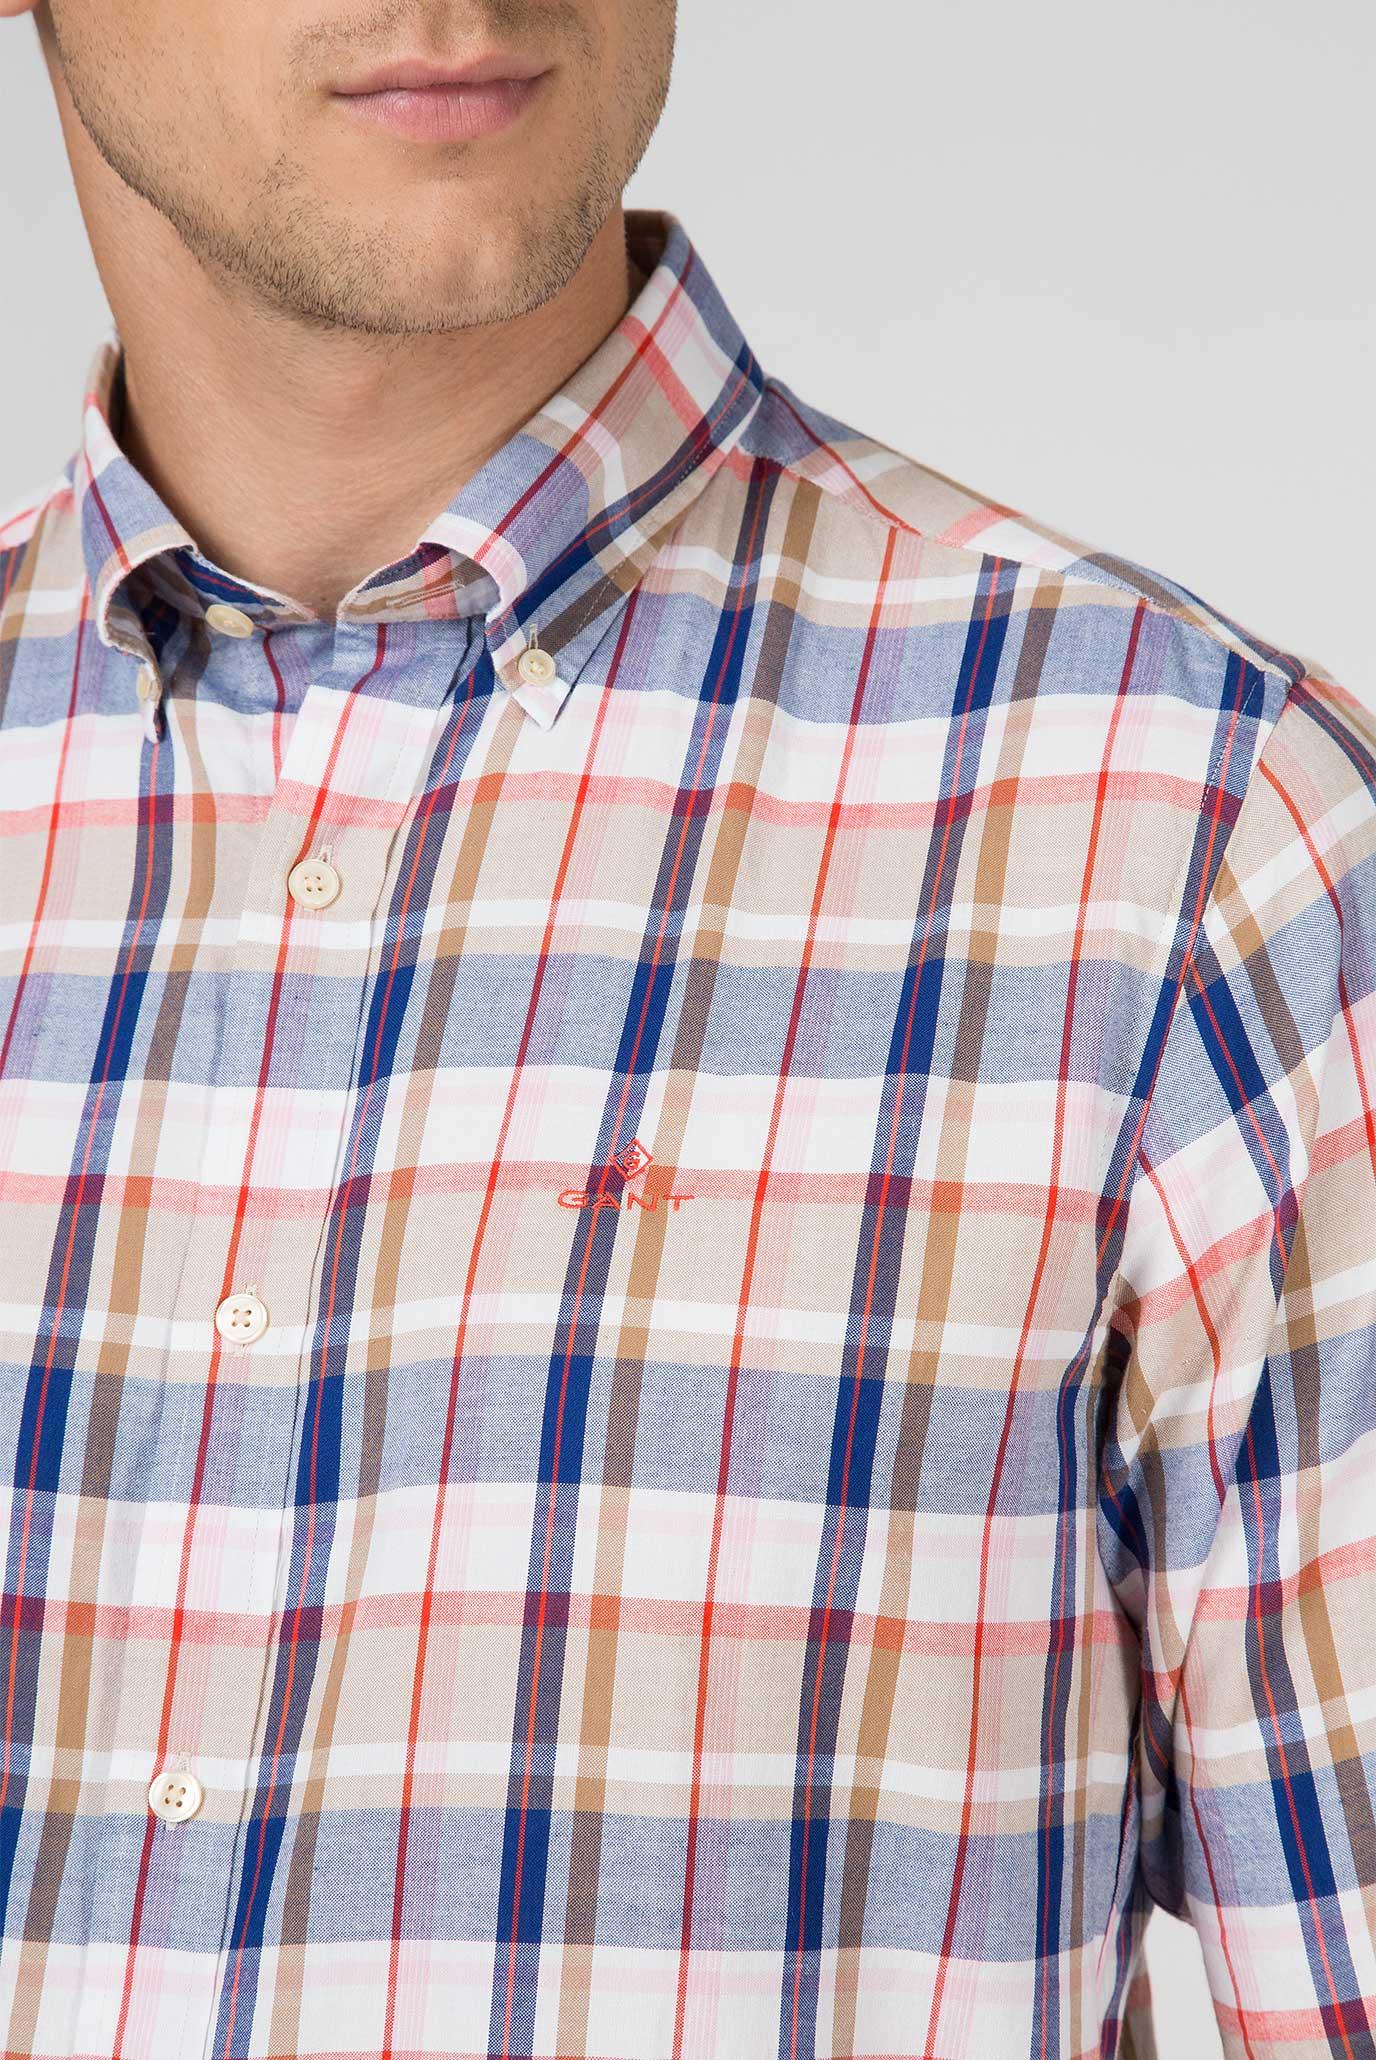 Купить Мужская рубашка в клетку OXFORD PLAID 213 Gant Gant 3017630 – Киев, Украина. Цены в интернет магазине MD Fashion